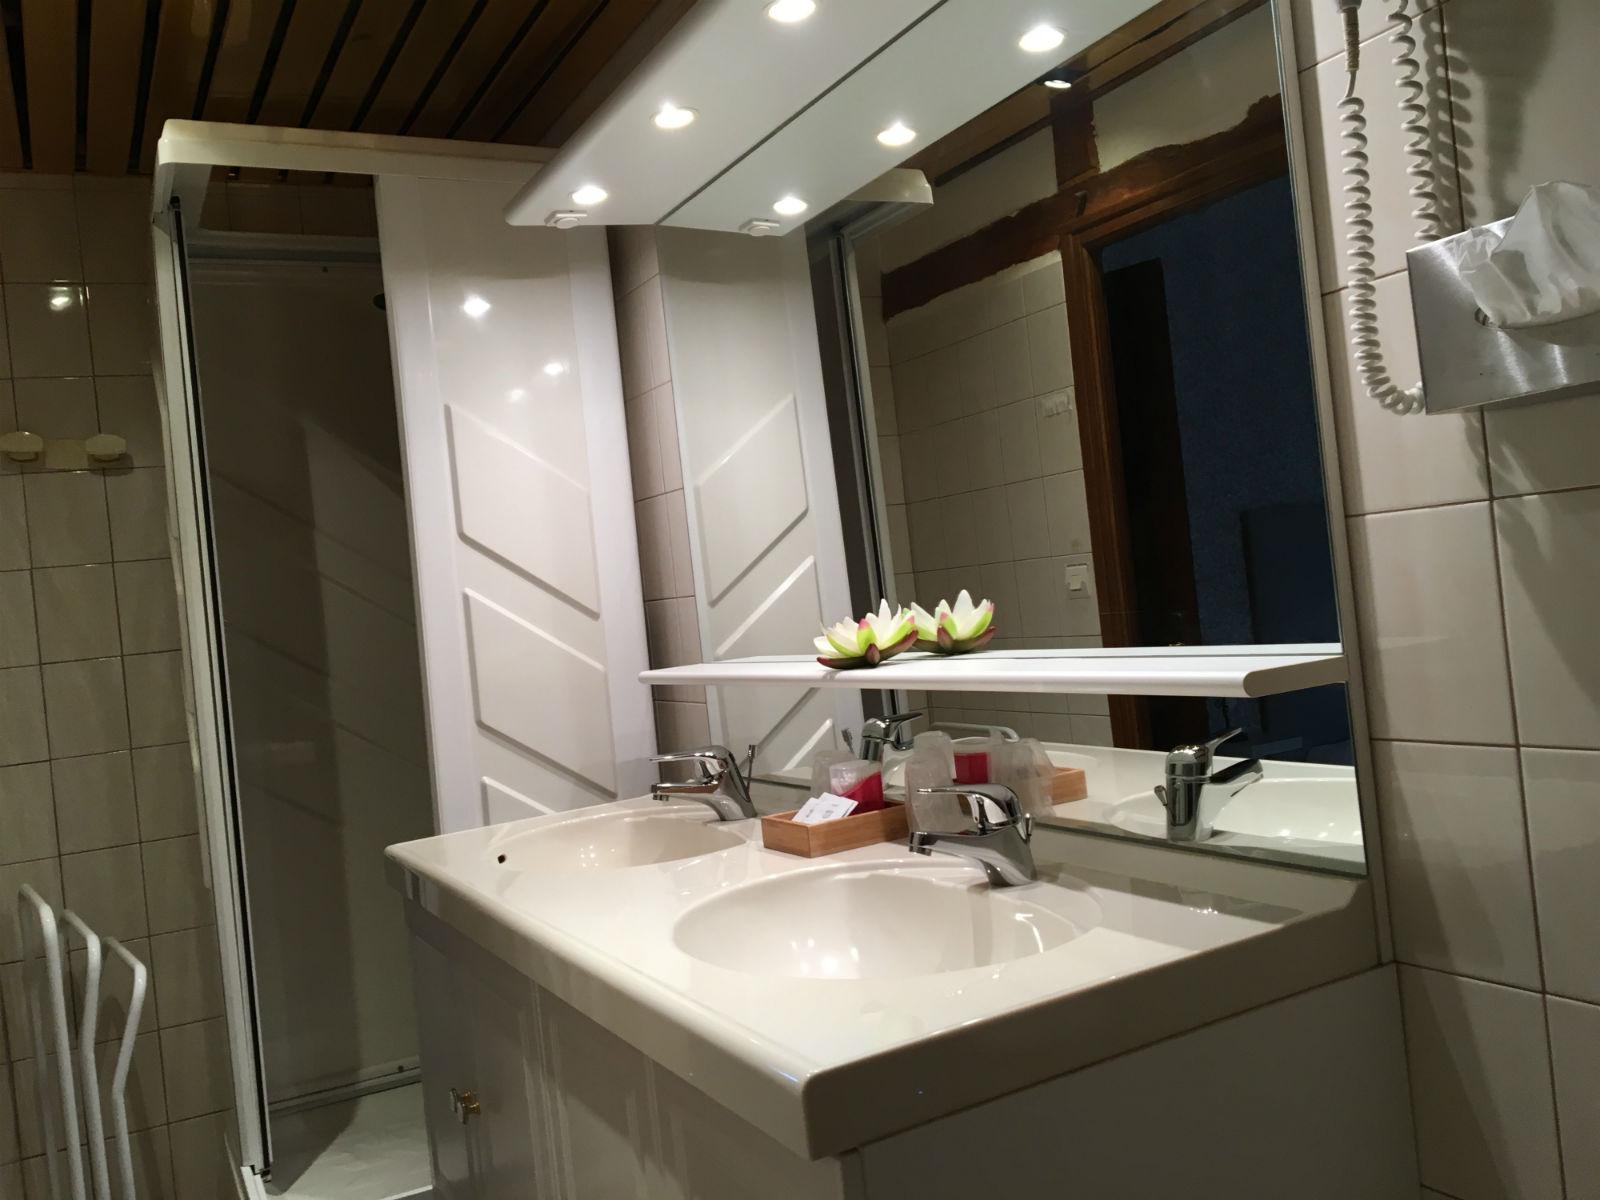 Gîte 3 chambres et 3 salle de douche près de Montreuil-sur-Mer